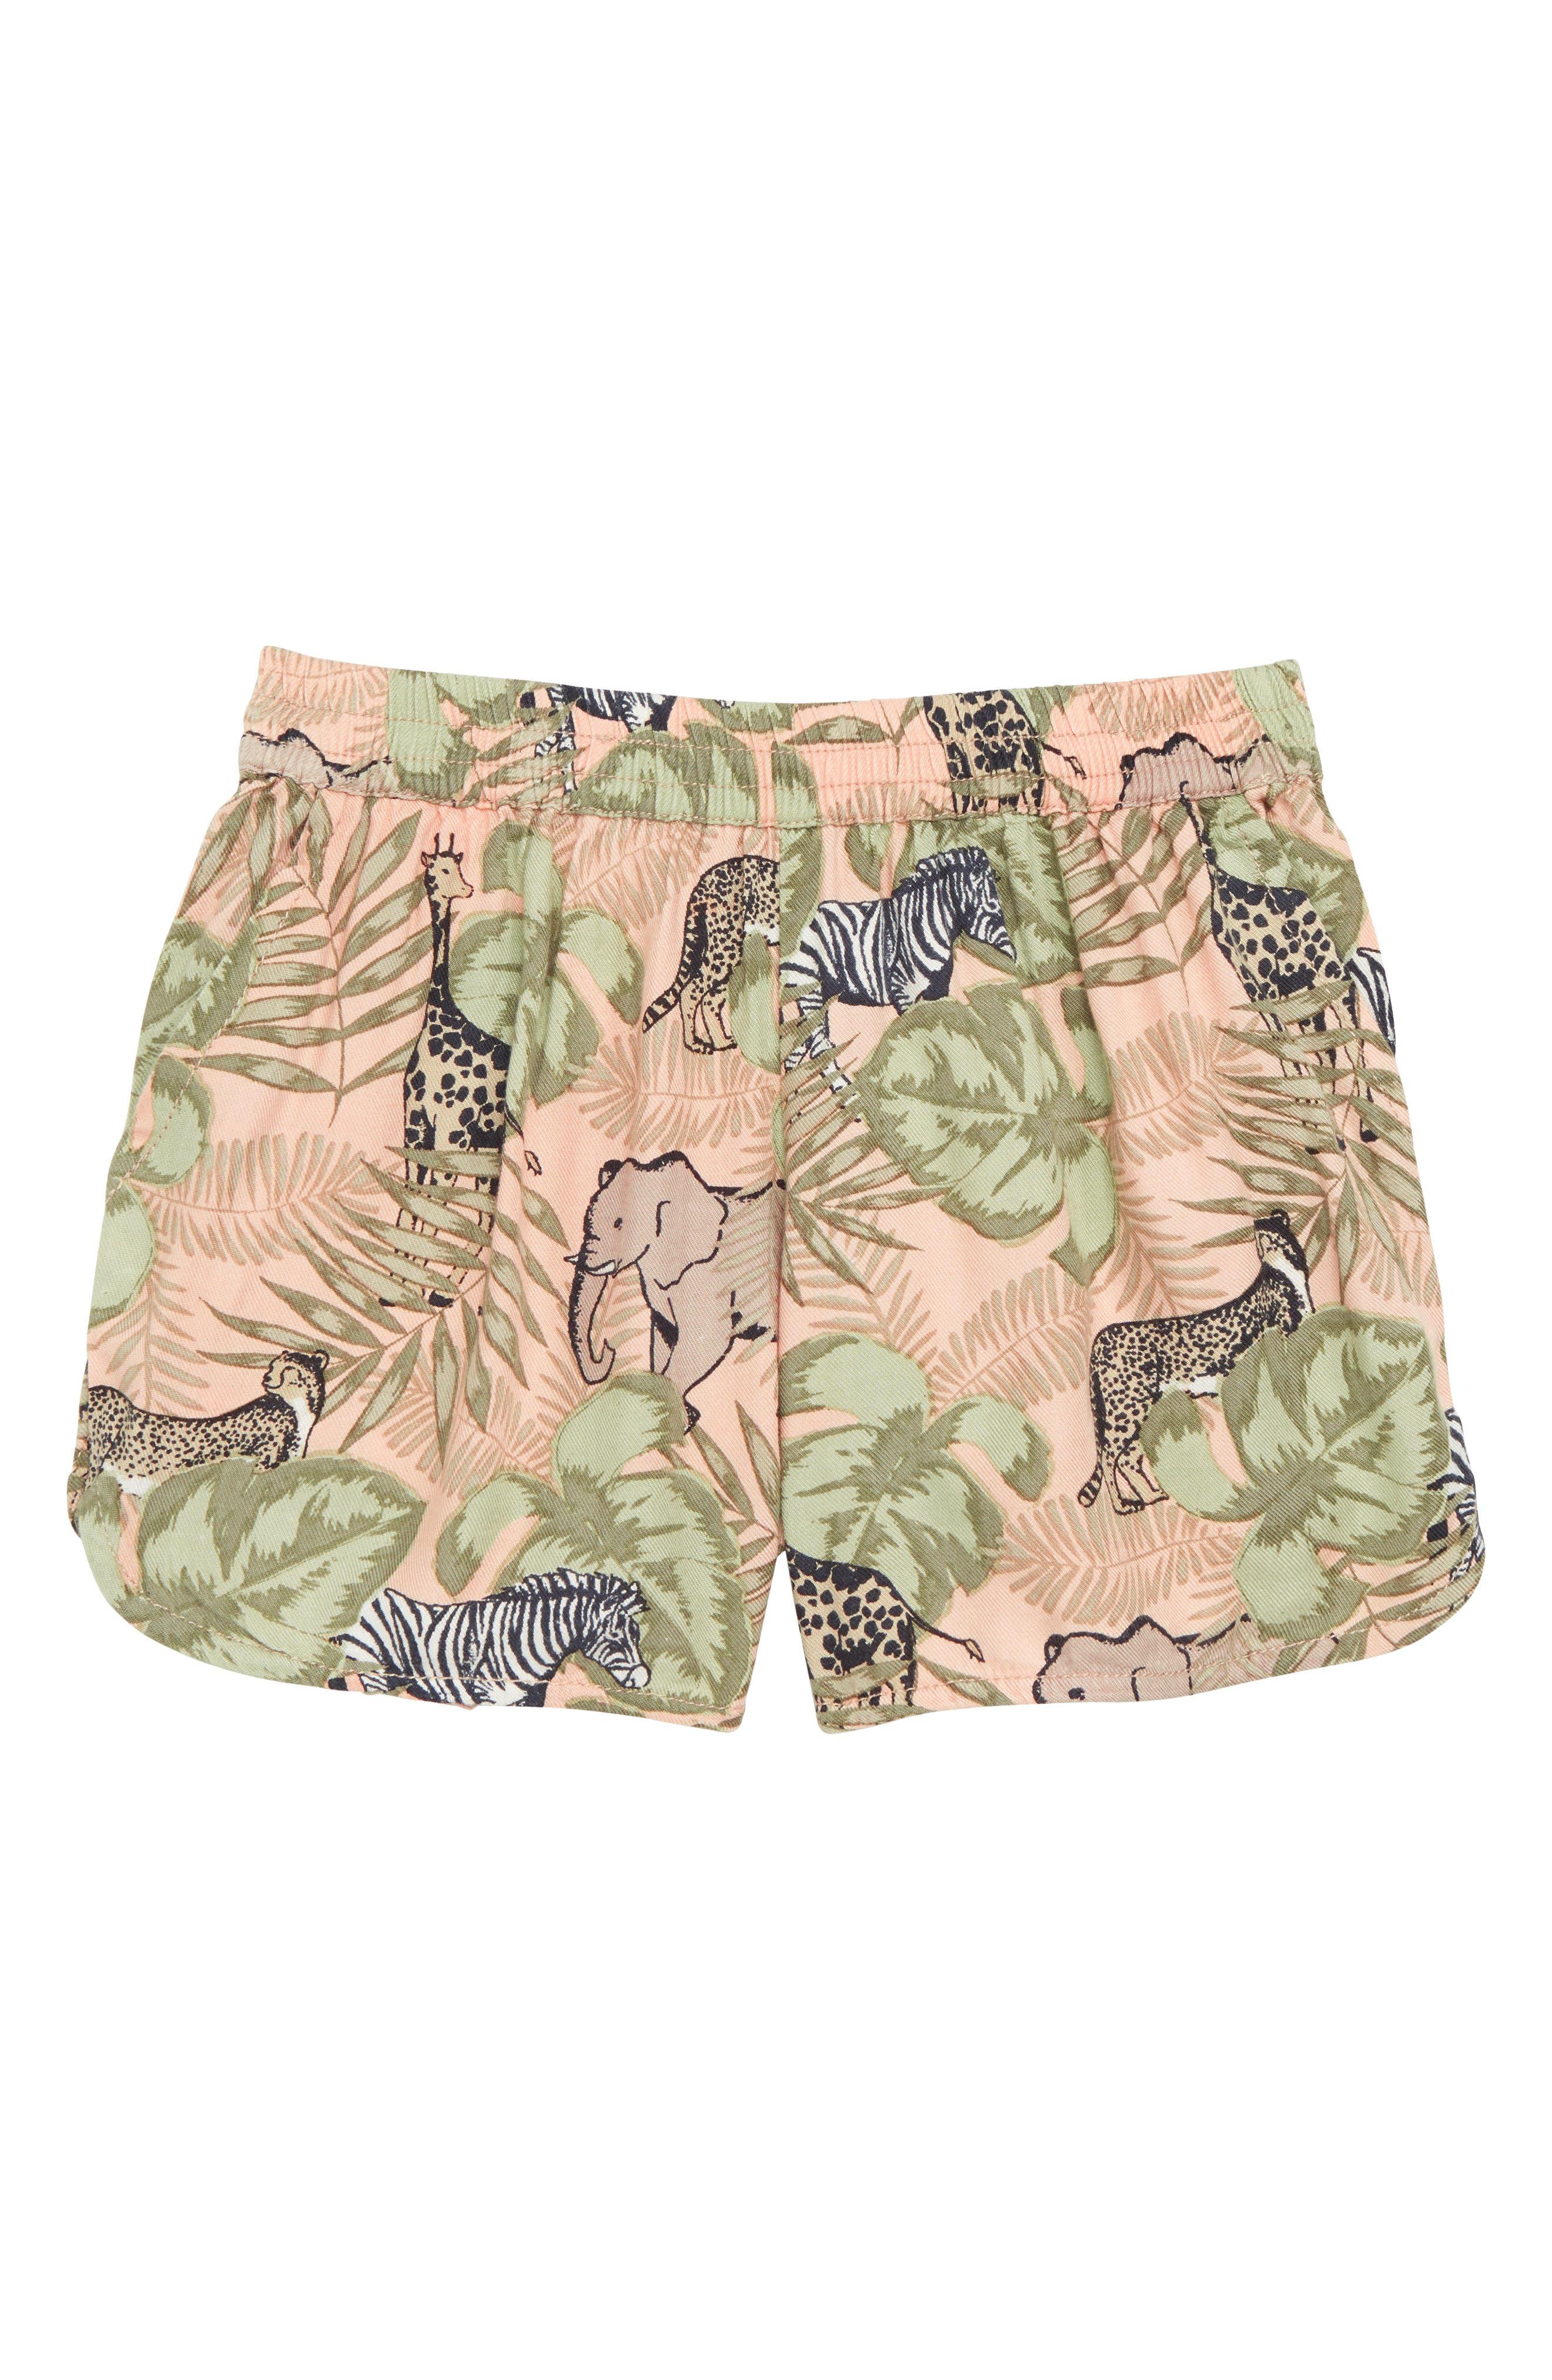 Savannah Print Shorts,                         Main,                         color, 950